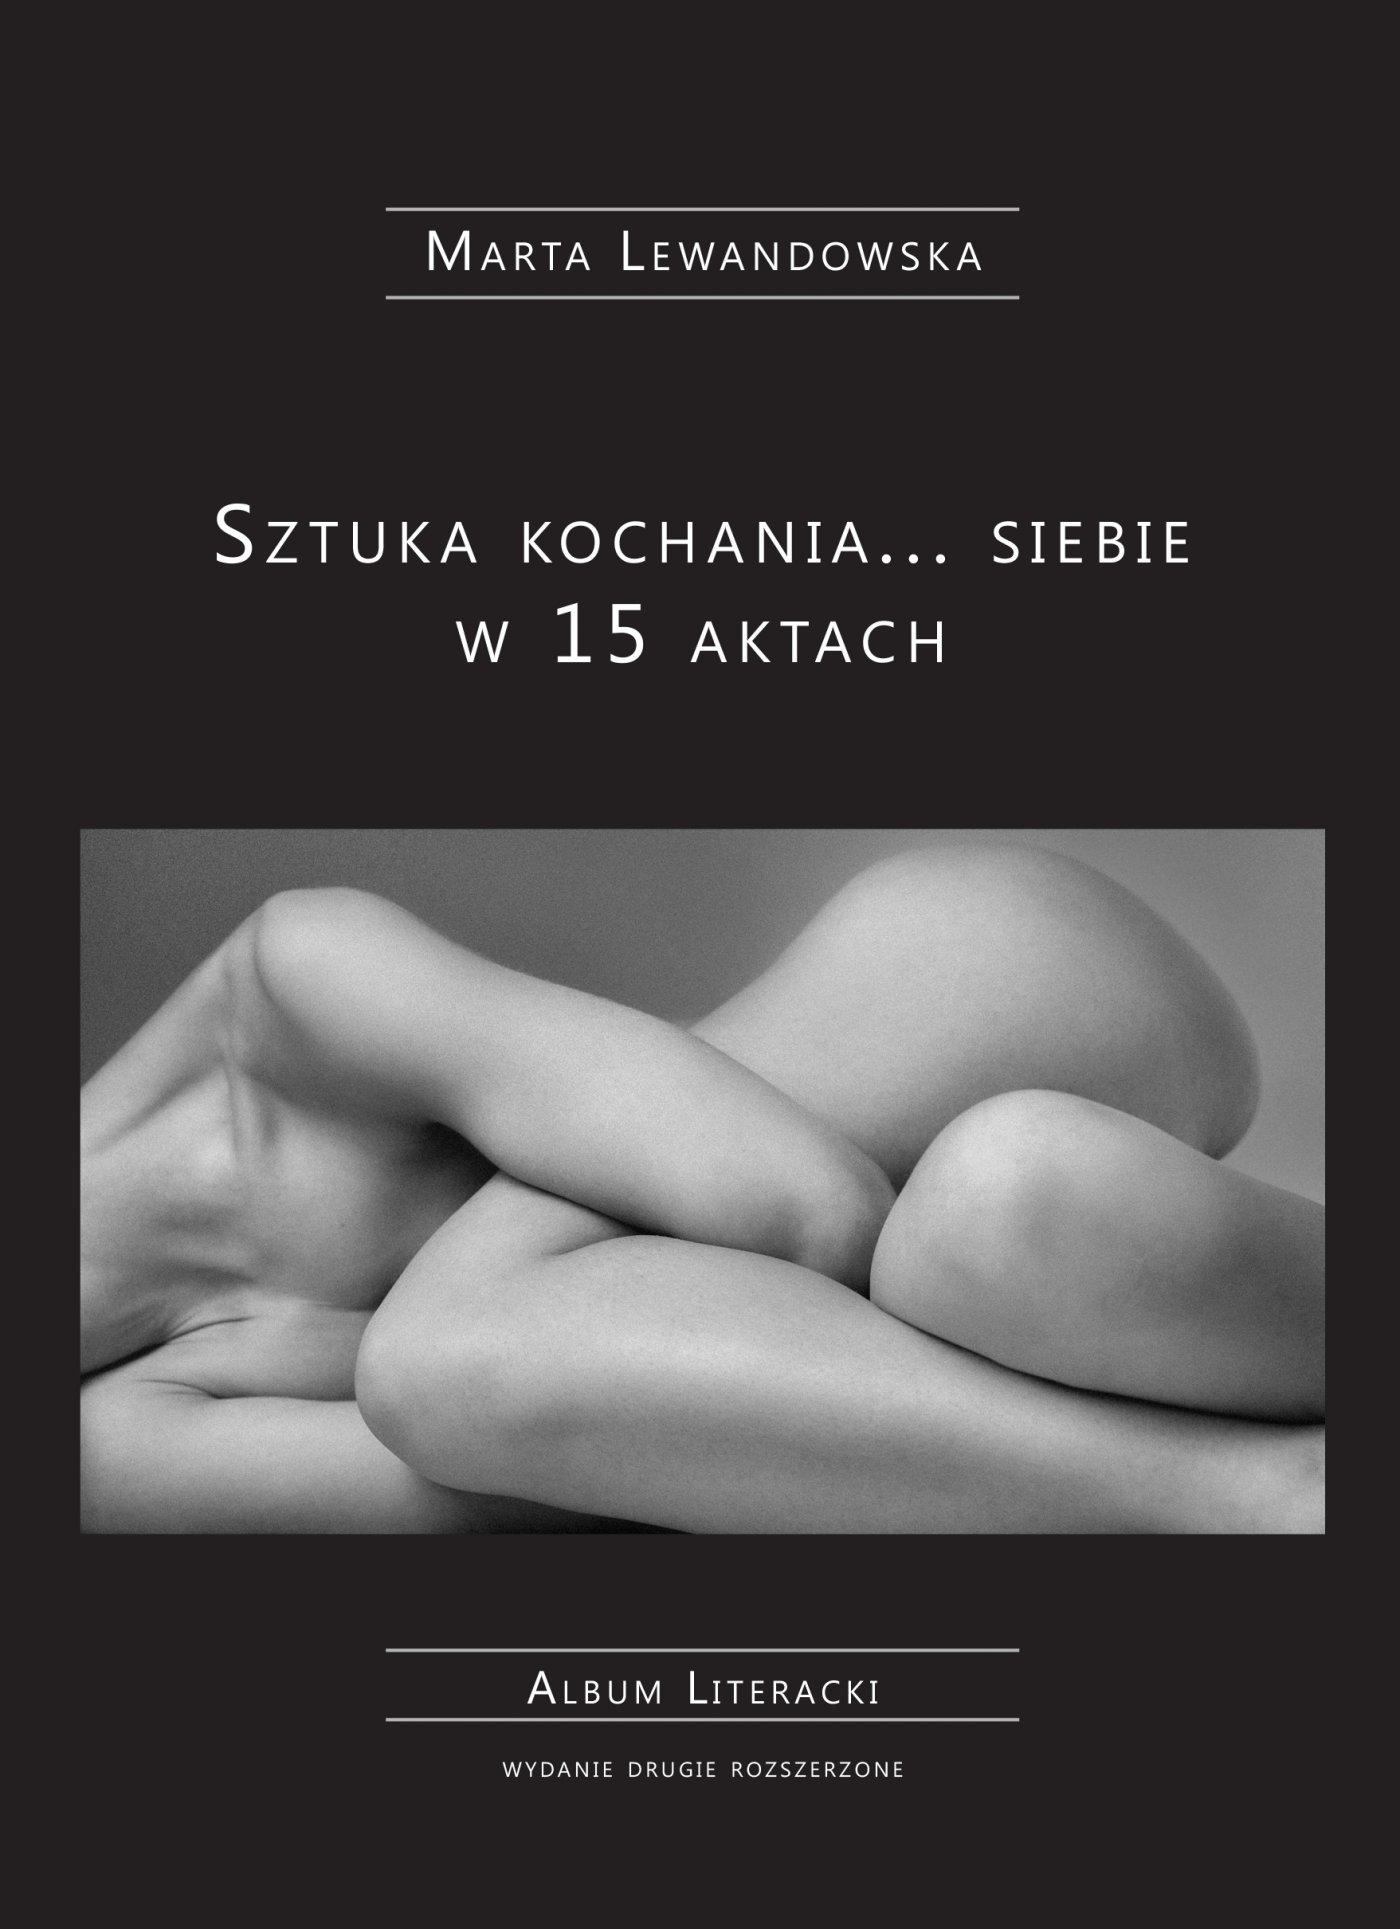 Sztuka kochania... siebie w 15 aktach - Ebook (Książka na Kindle) do pobrania w formacie MOBI